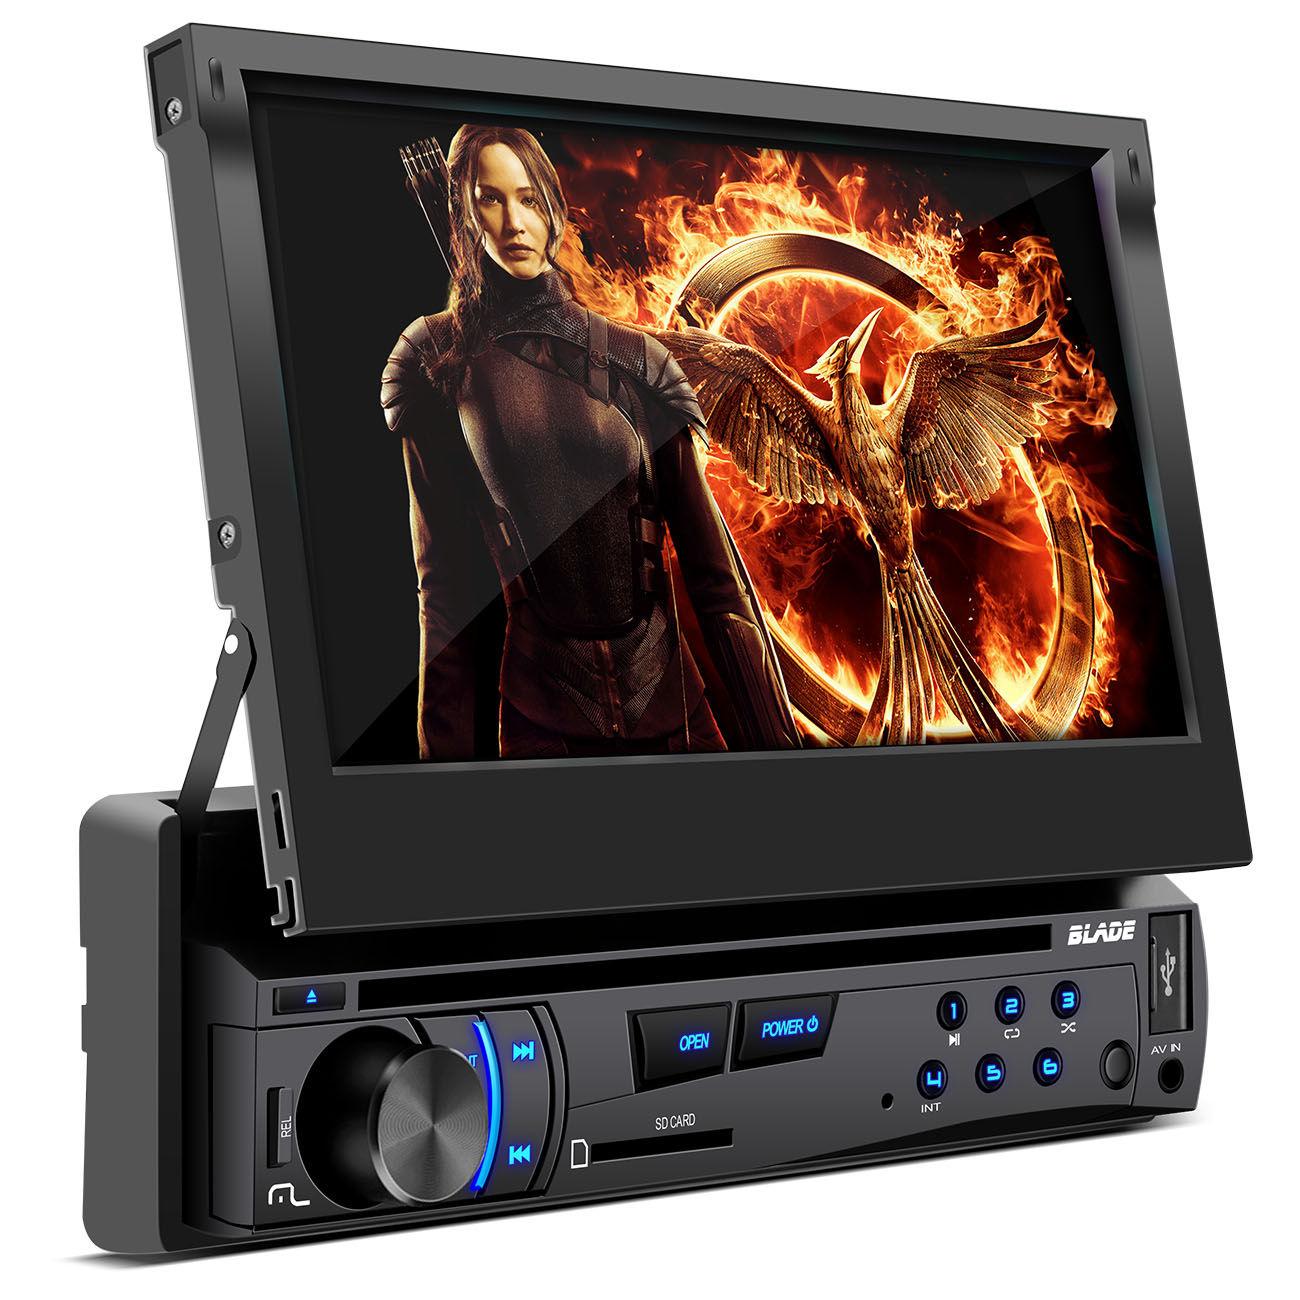 DVD Multilaser Blade P3295 7 Polegadas Retratil USB MP3 + Câmera Ré